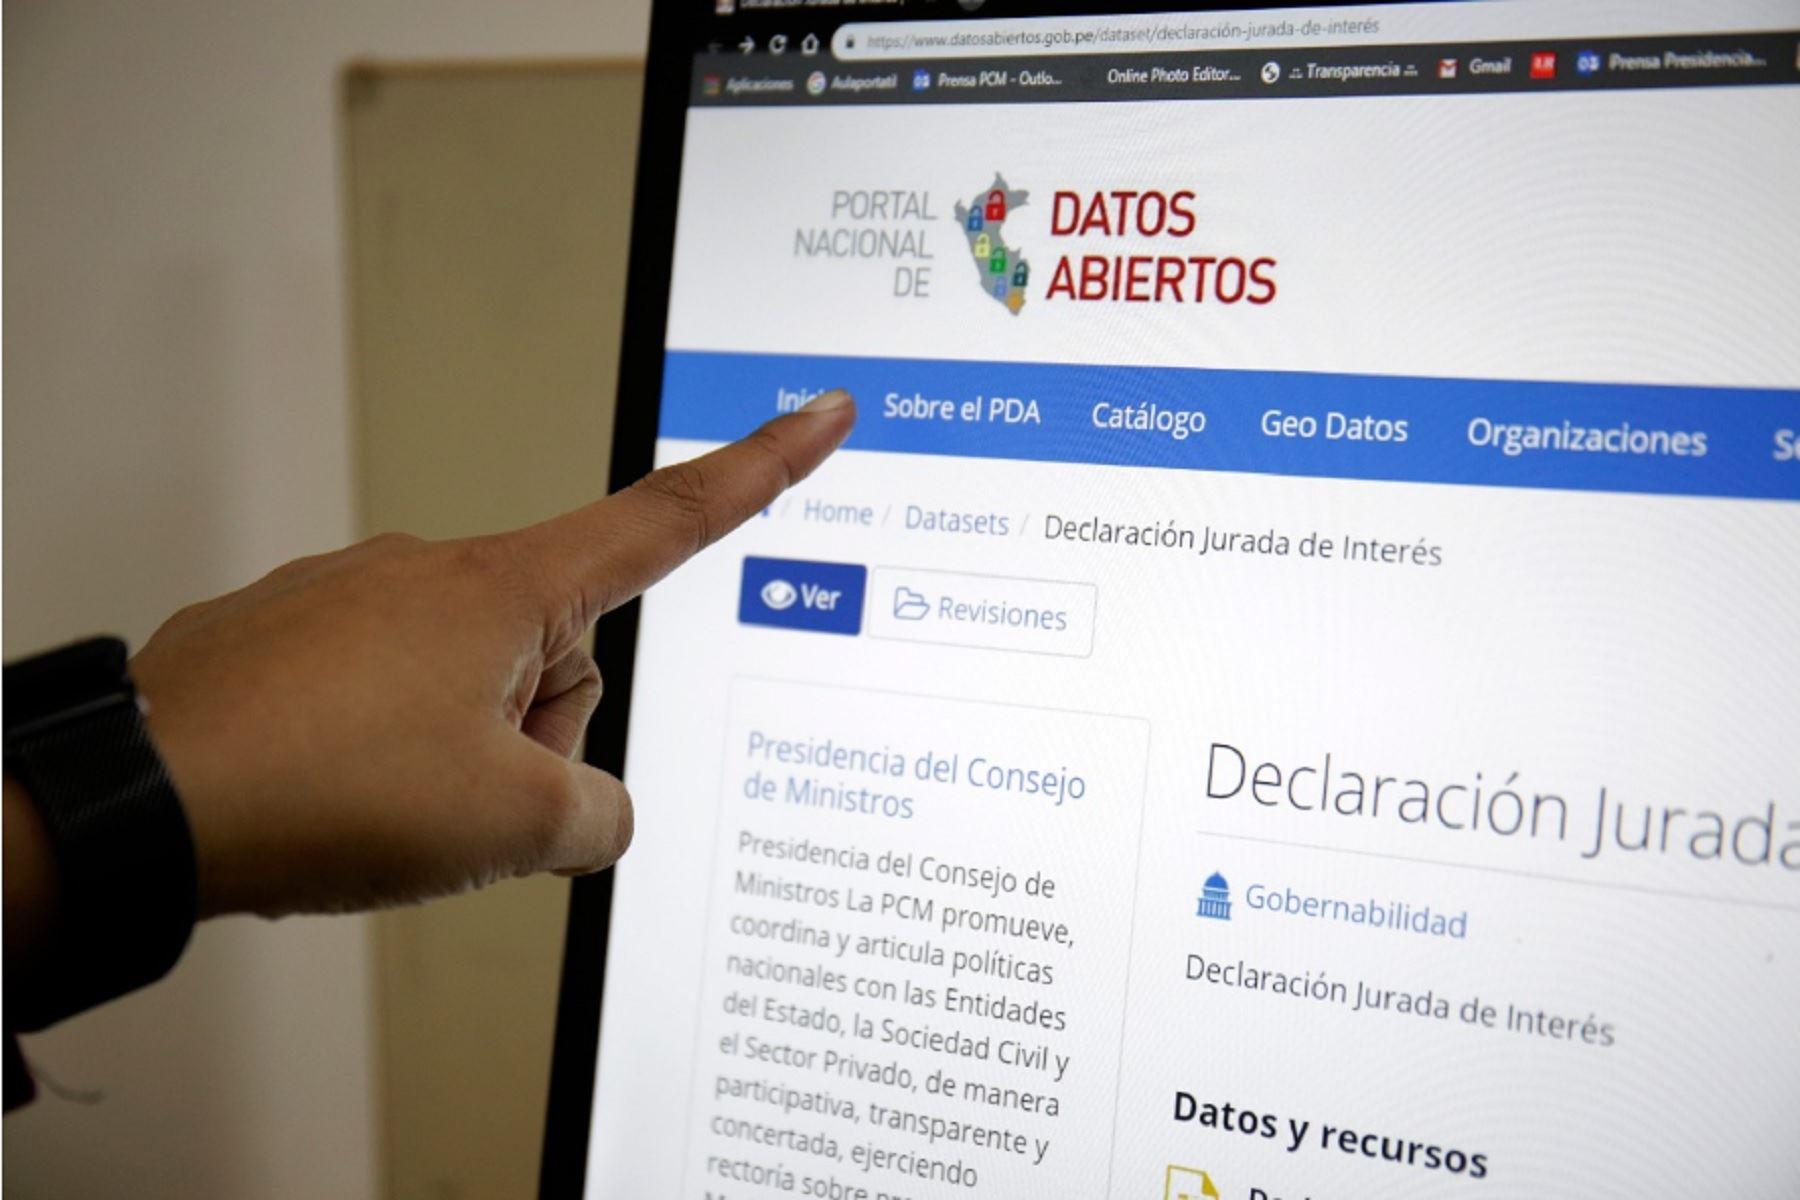 Publican declaraciones juradas de intereses de funcionarios en Portal de Datos Abiertos